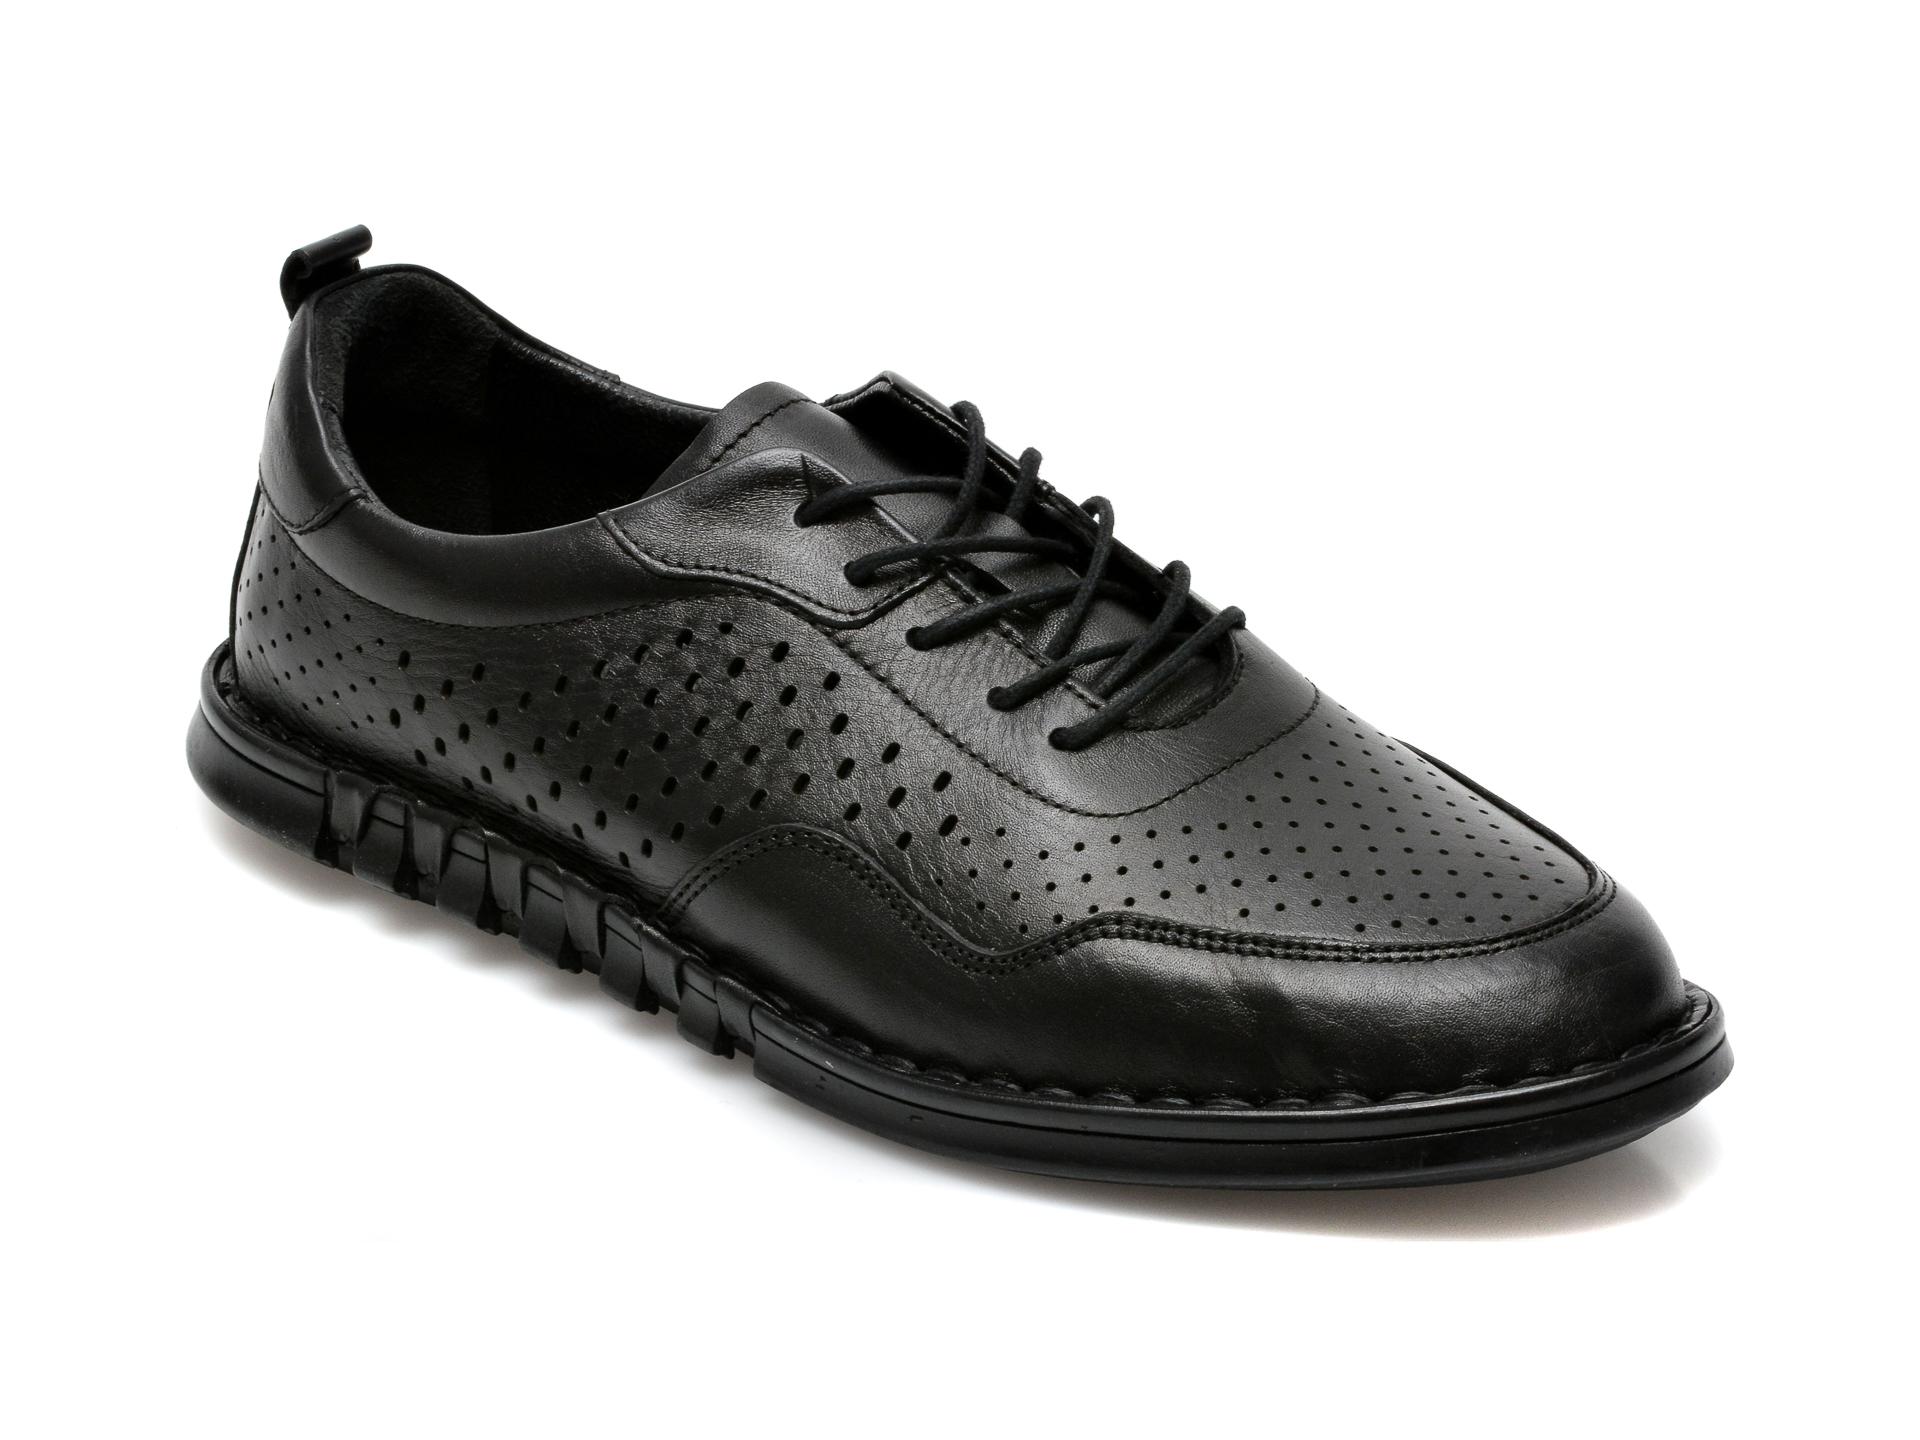 Pantofi OTTER negri, 301103, din piele naturala imagine otter.ro 2021